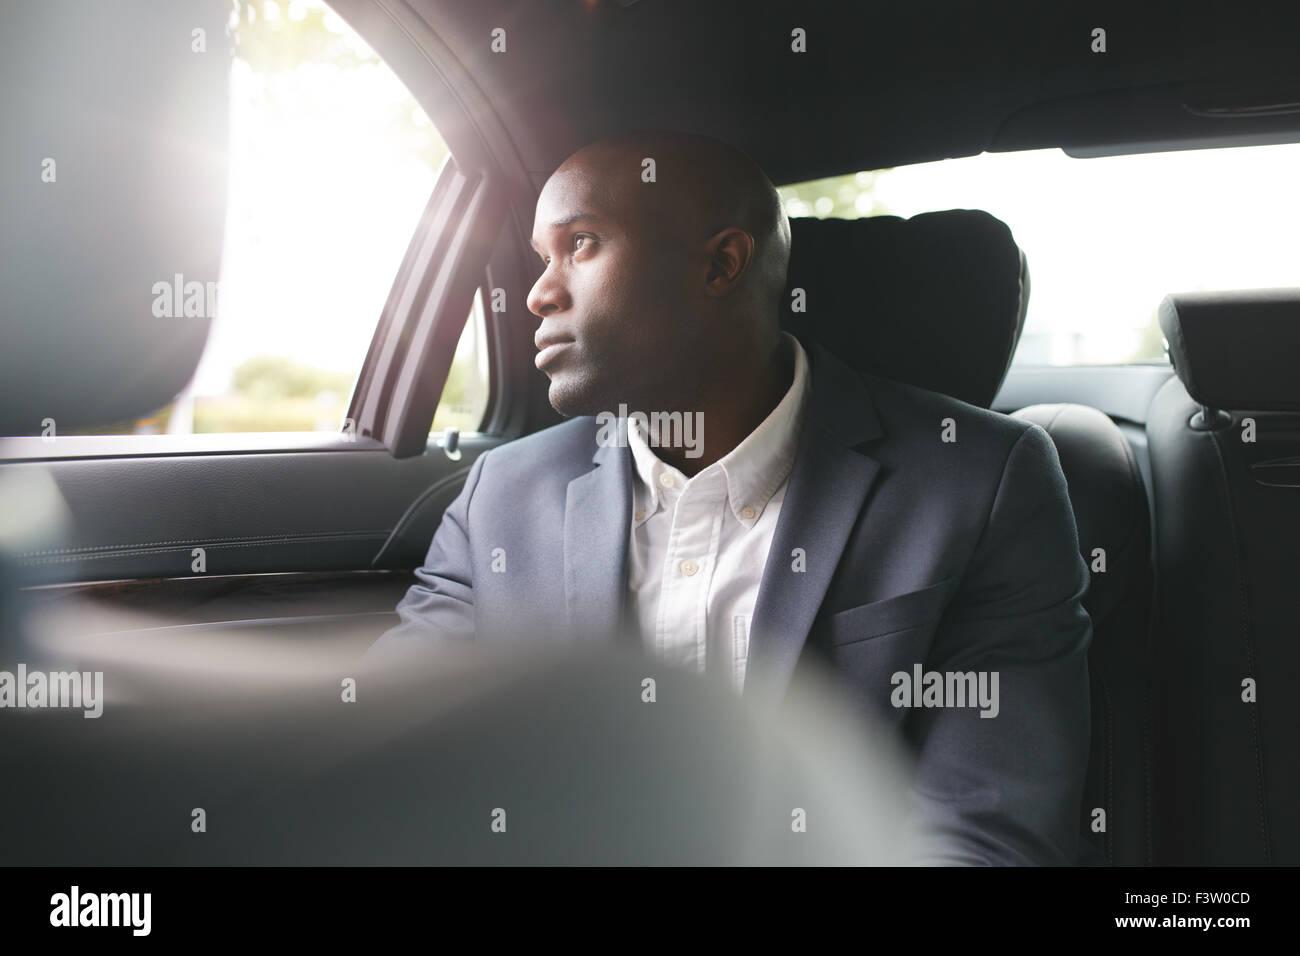 Les jeunes hommes et femmes d'affaires pour se rendre au travail et dans la voiture de luxe sur le siège Photo Stock